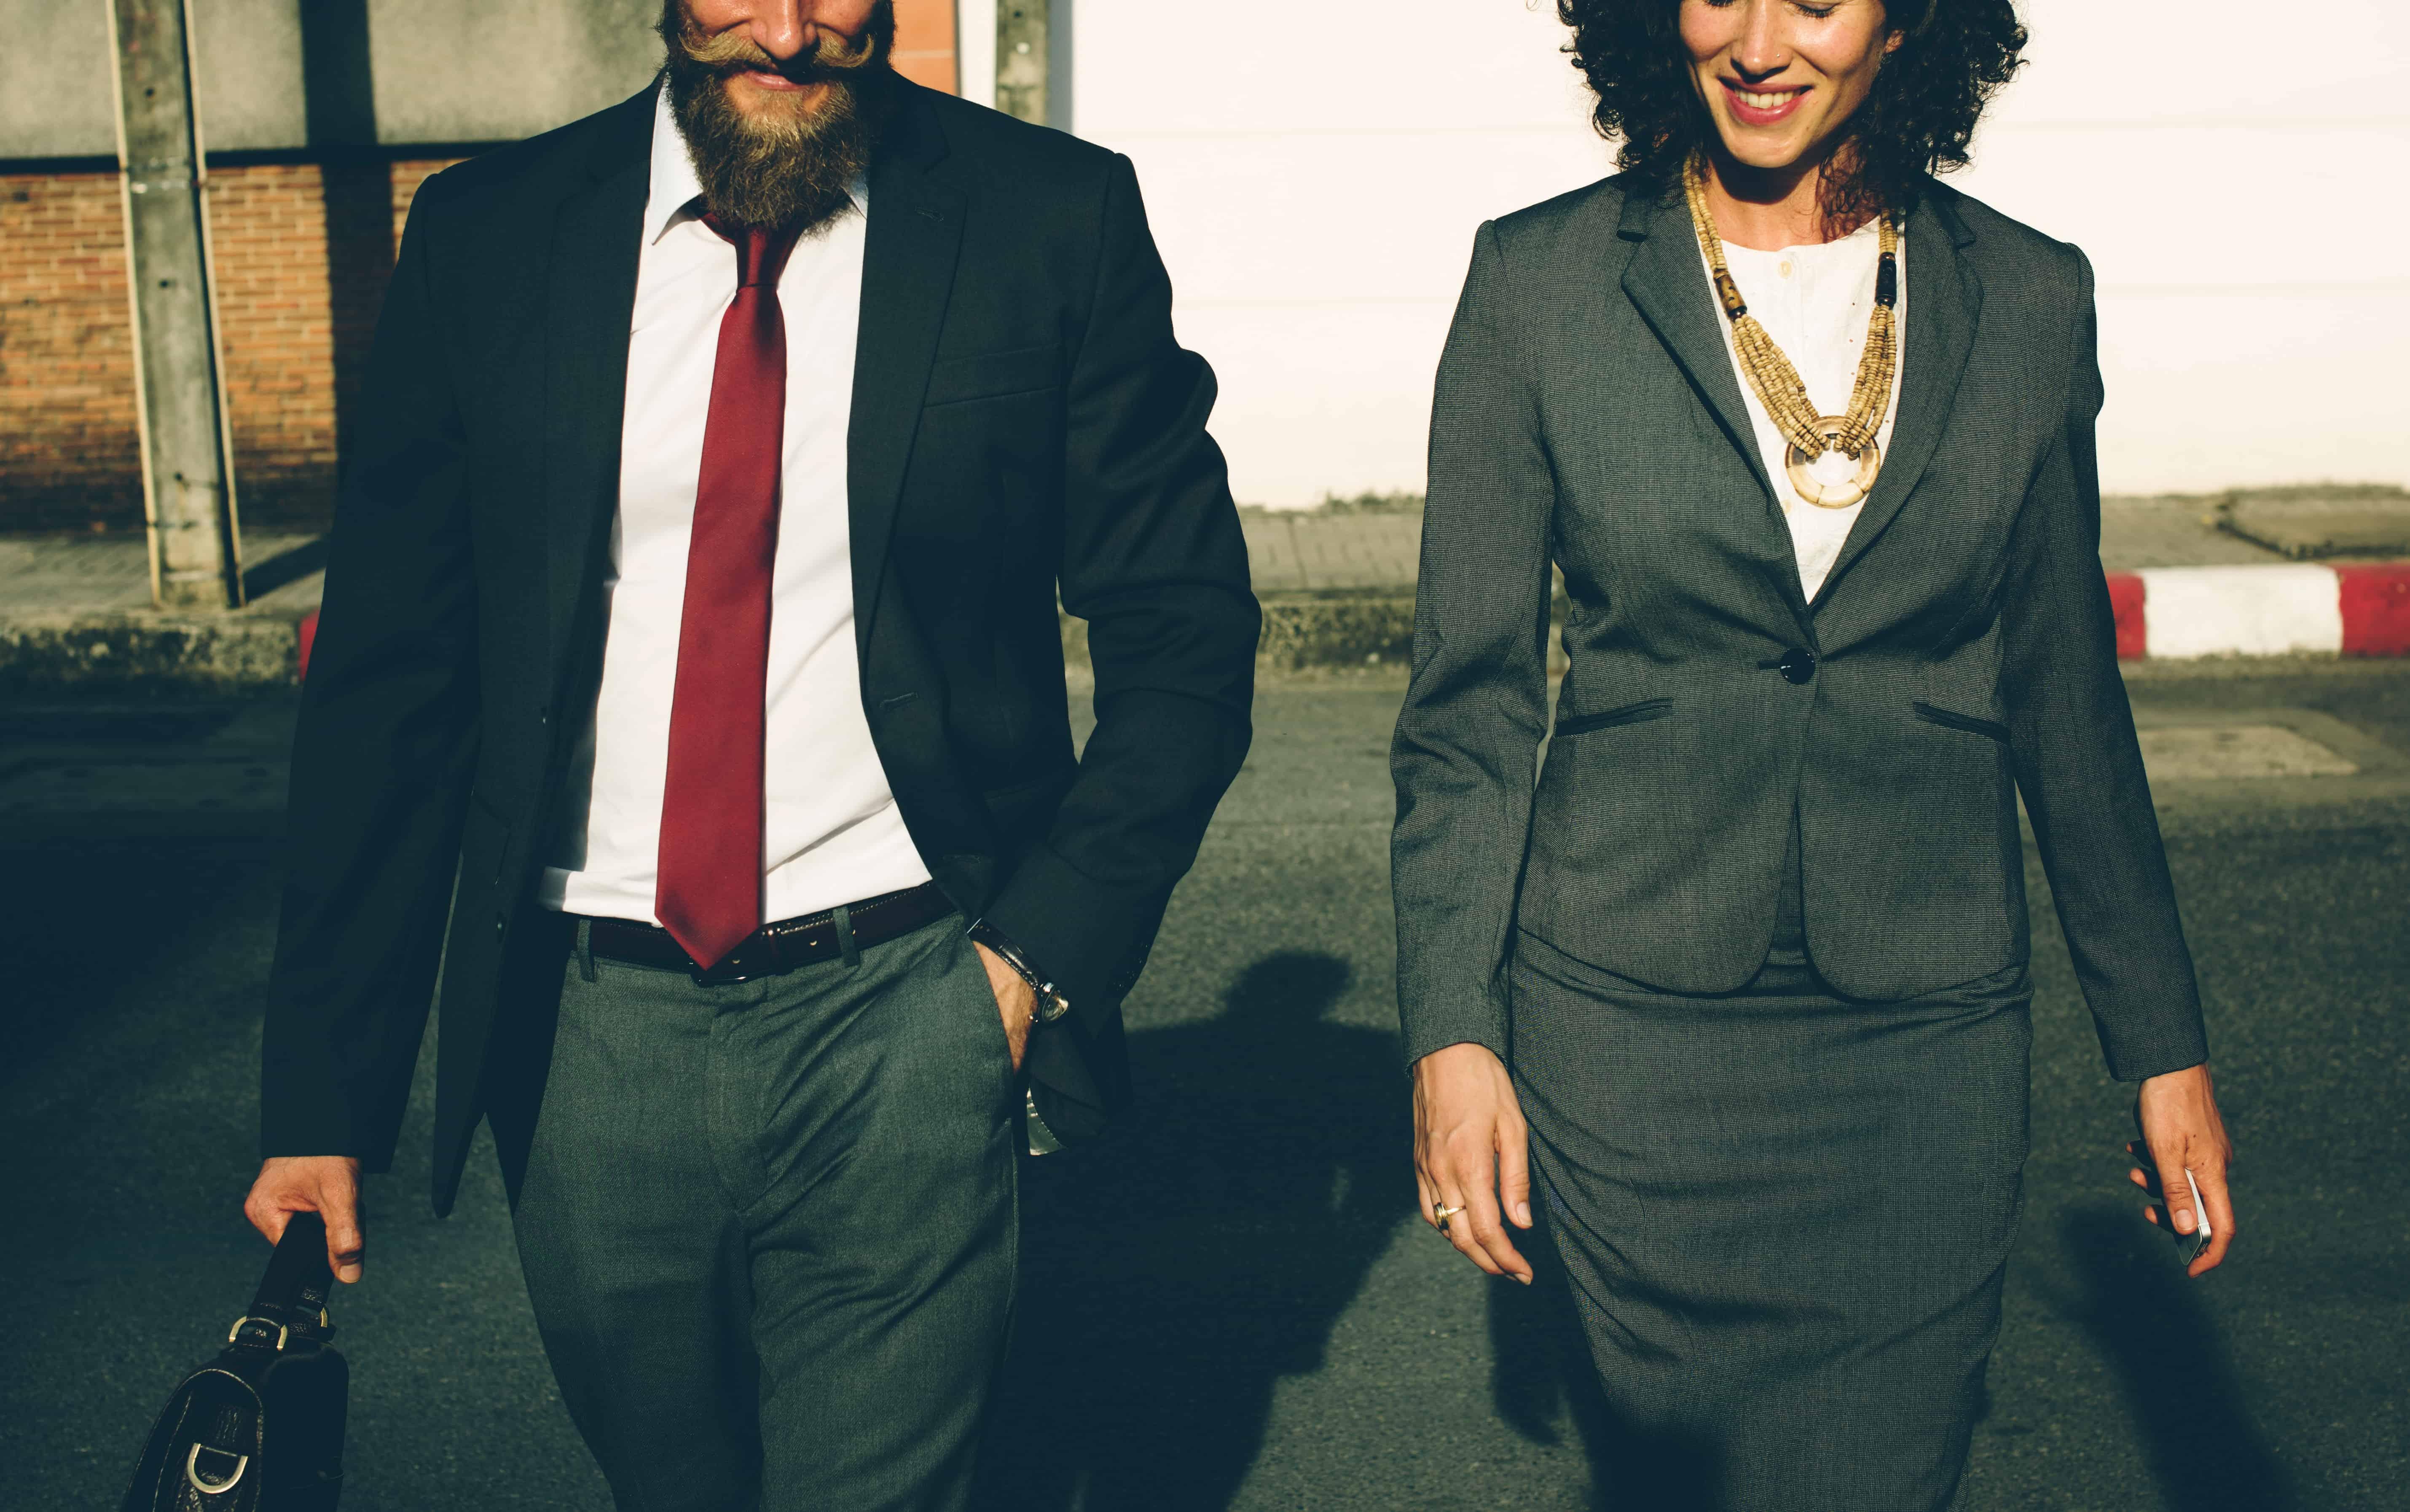 Devo ter um sócio? 5 vantagens e 4 desvantagens da parceria